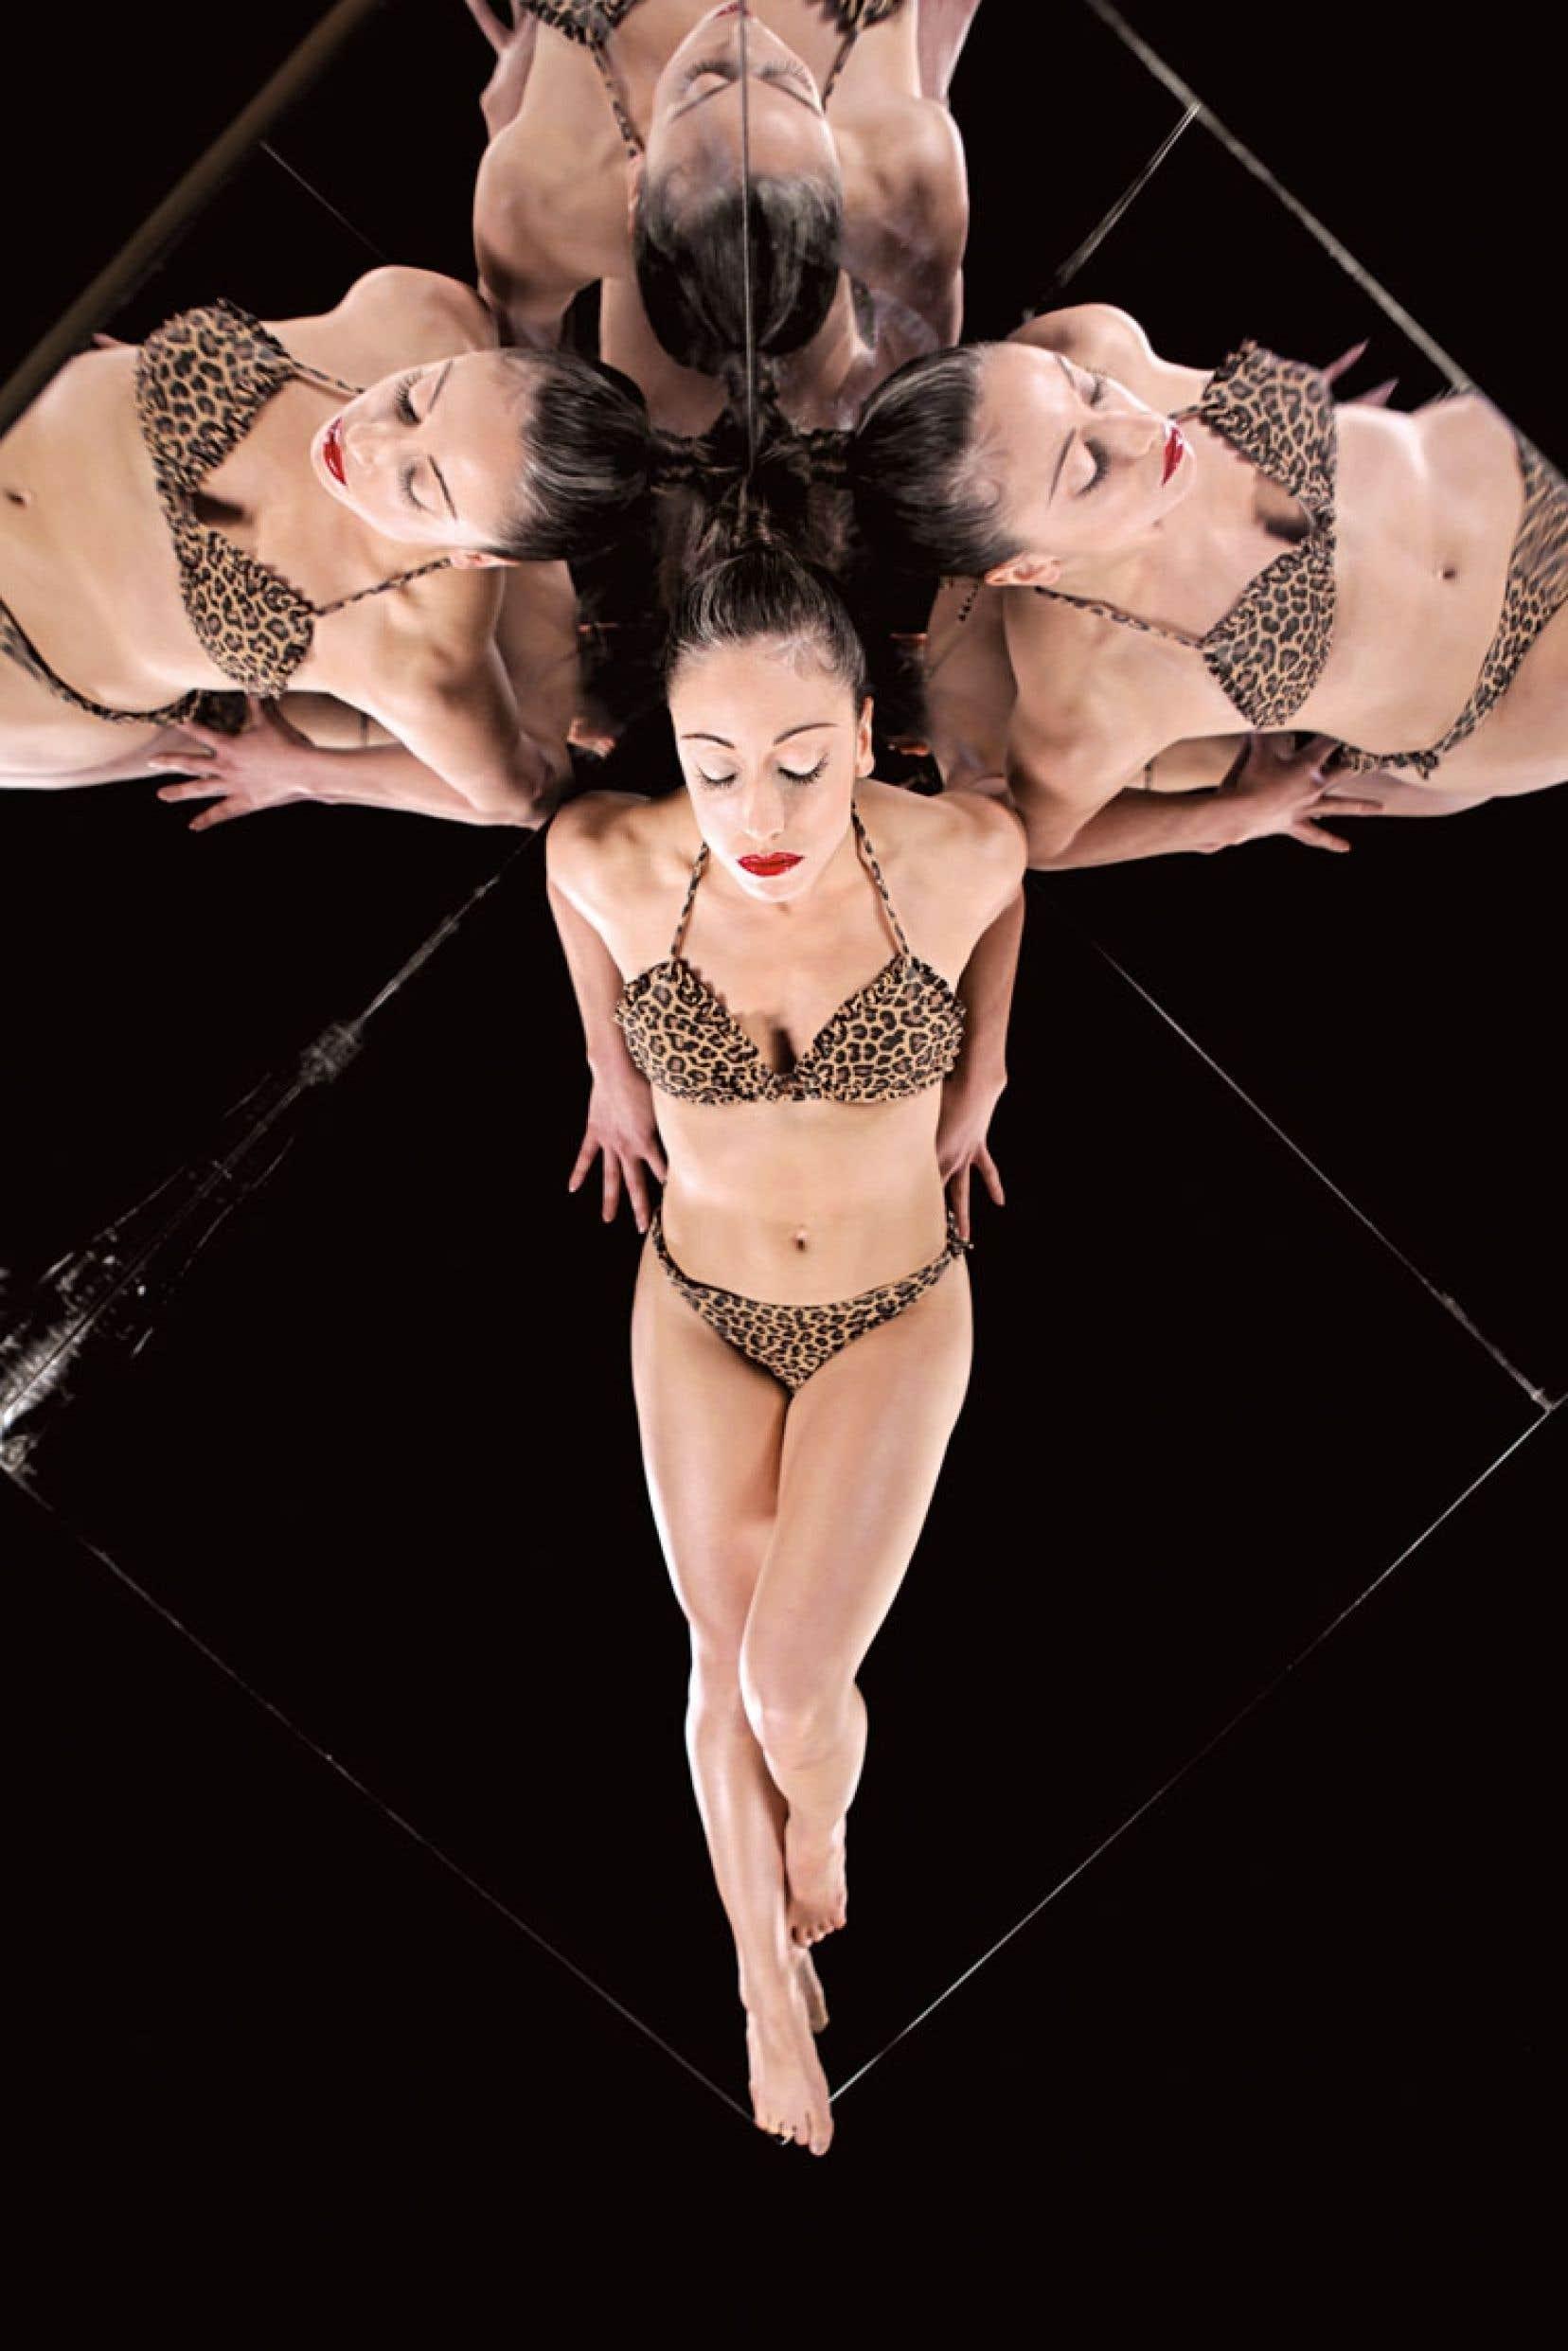 À partir de son solo Miss (encore en cours de création), Jade Marquis démonte le mythe alimenté par la scène pop mondiale selon lequel le corps sexualisé sur scène est source d'empowerment.